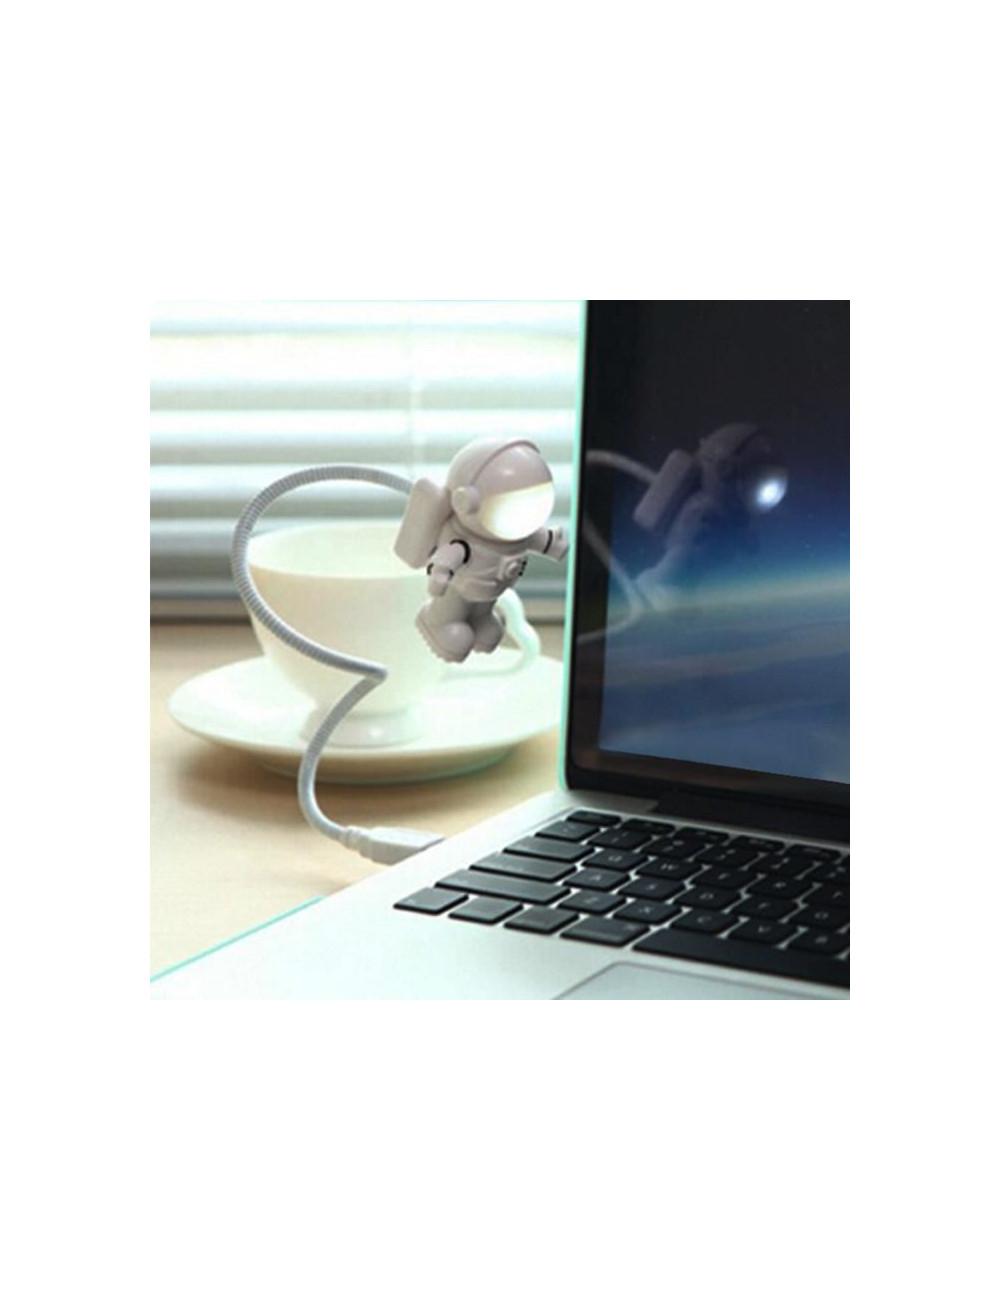 Lampe Astronaute ordinateur